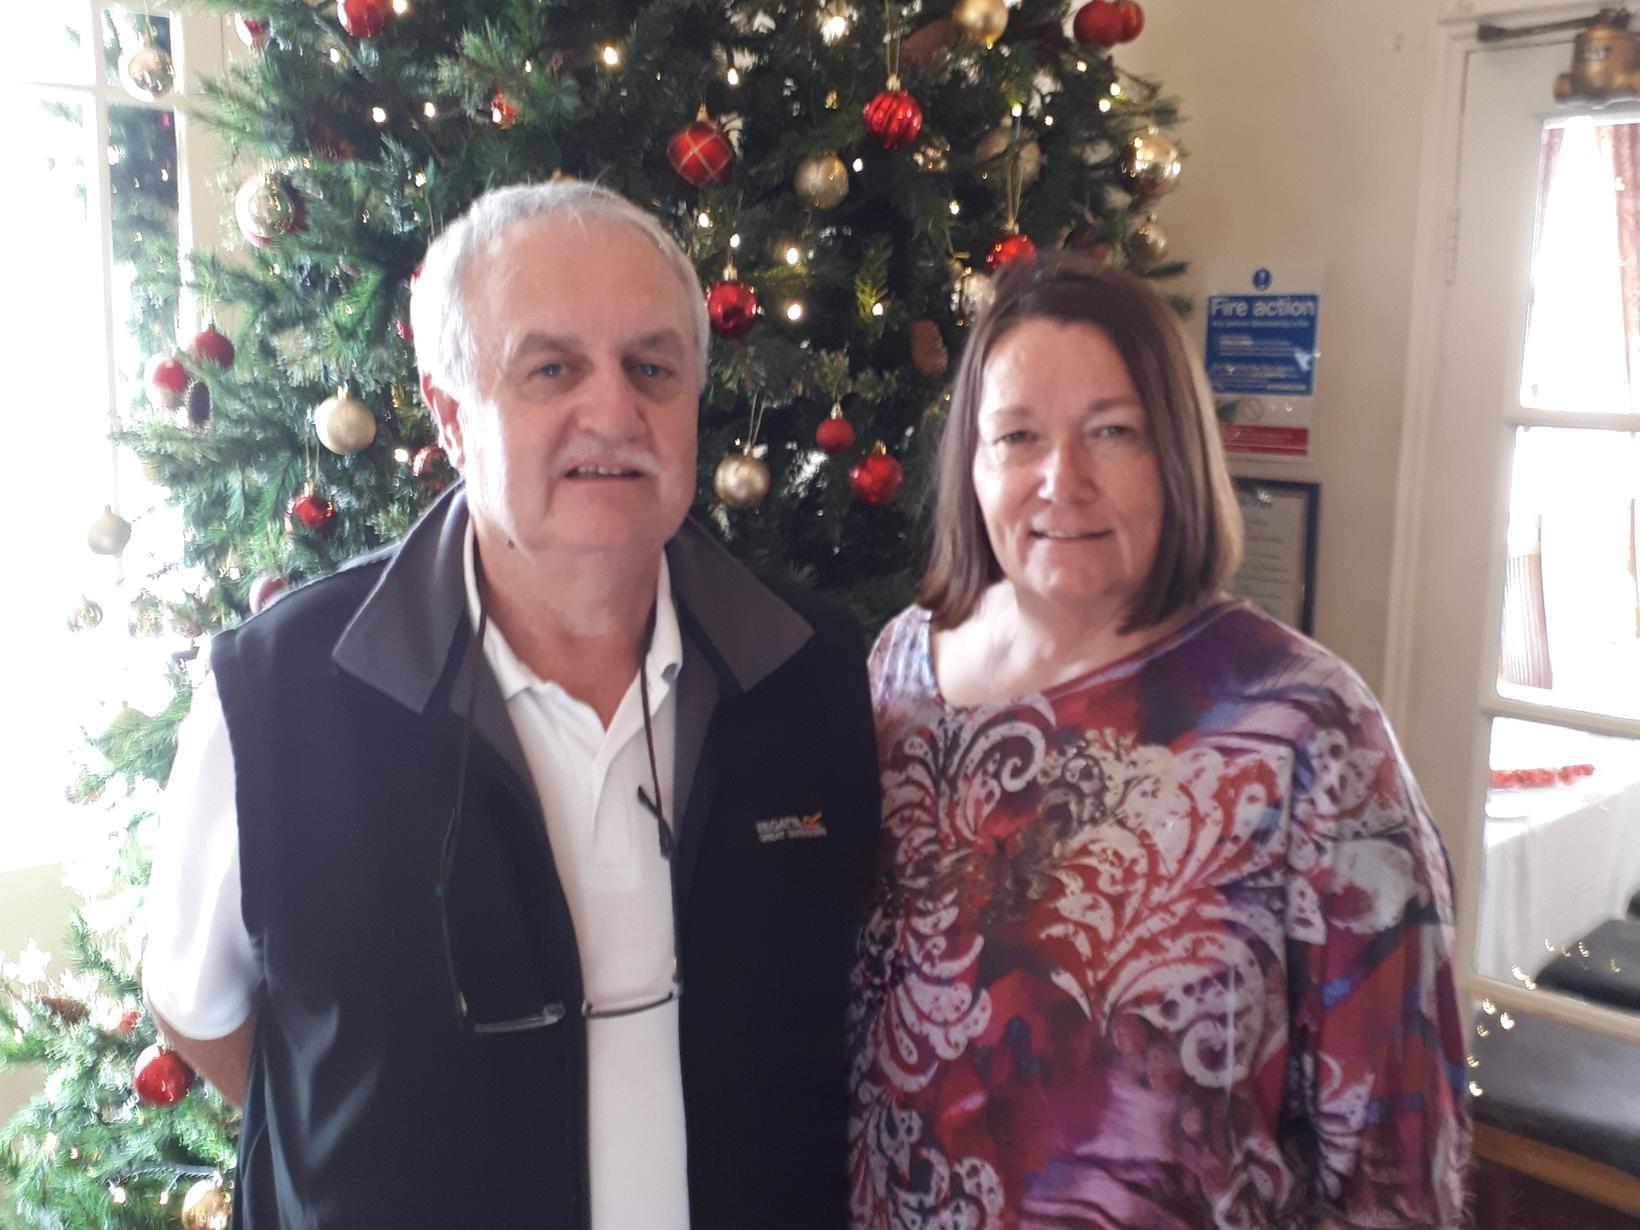 Sonja & Patrick from Bandon, Ireland